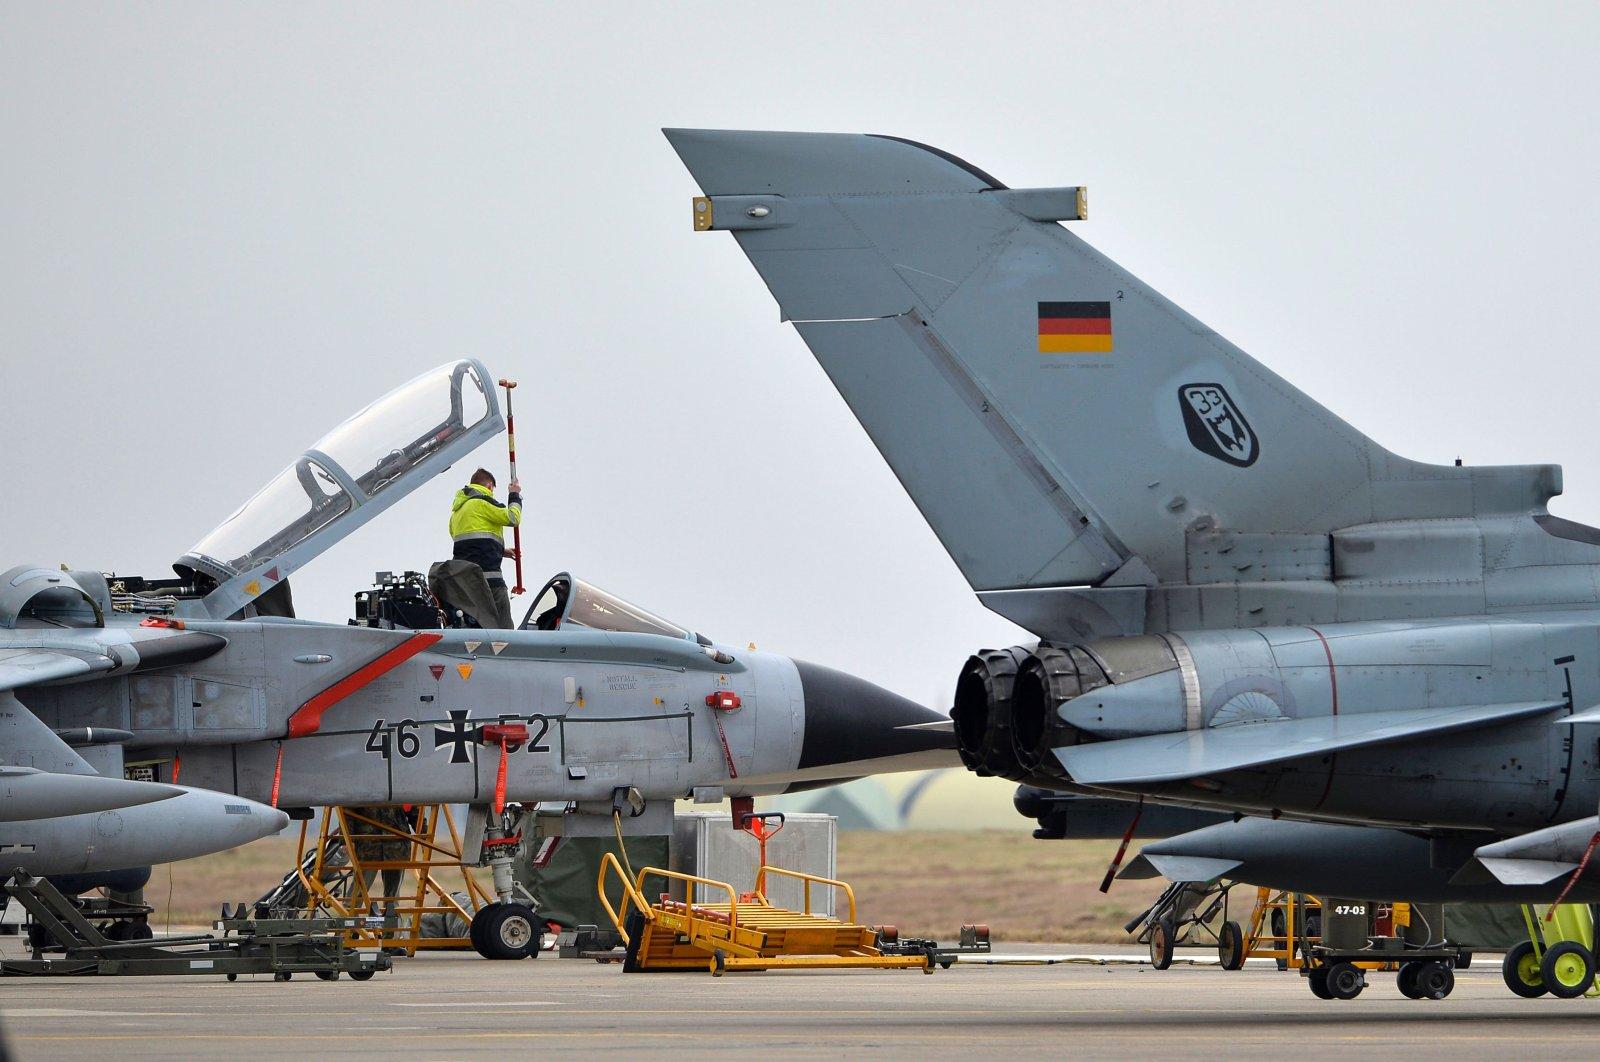 A technician works on a German Tornado jet at an airbase in Incirlik, Turkey, Jan. 21, 2016. (AFP Photo)